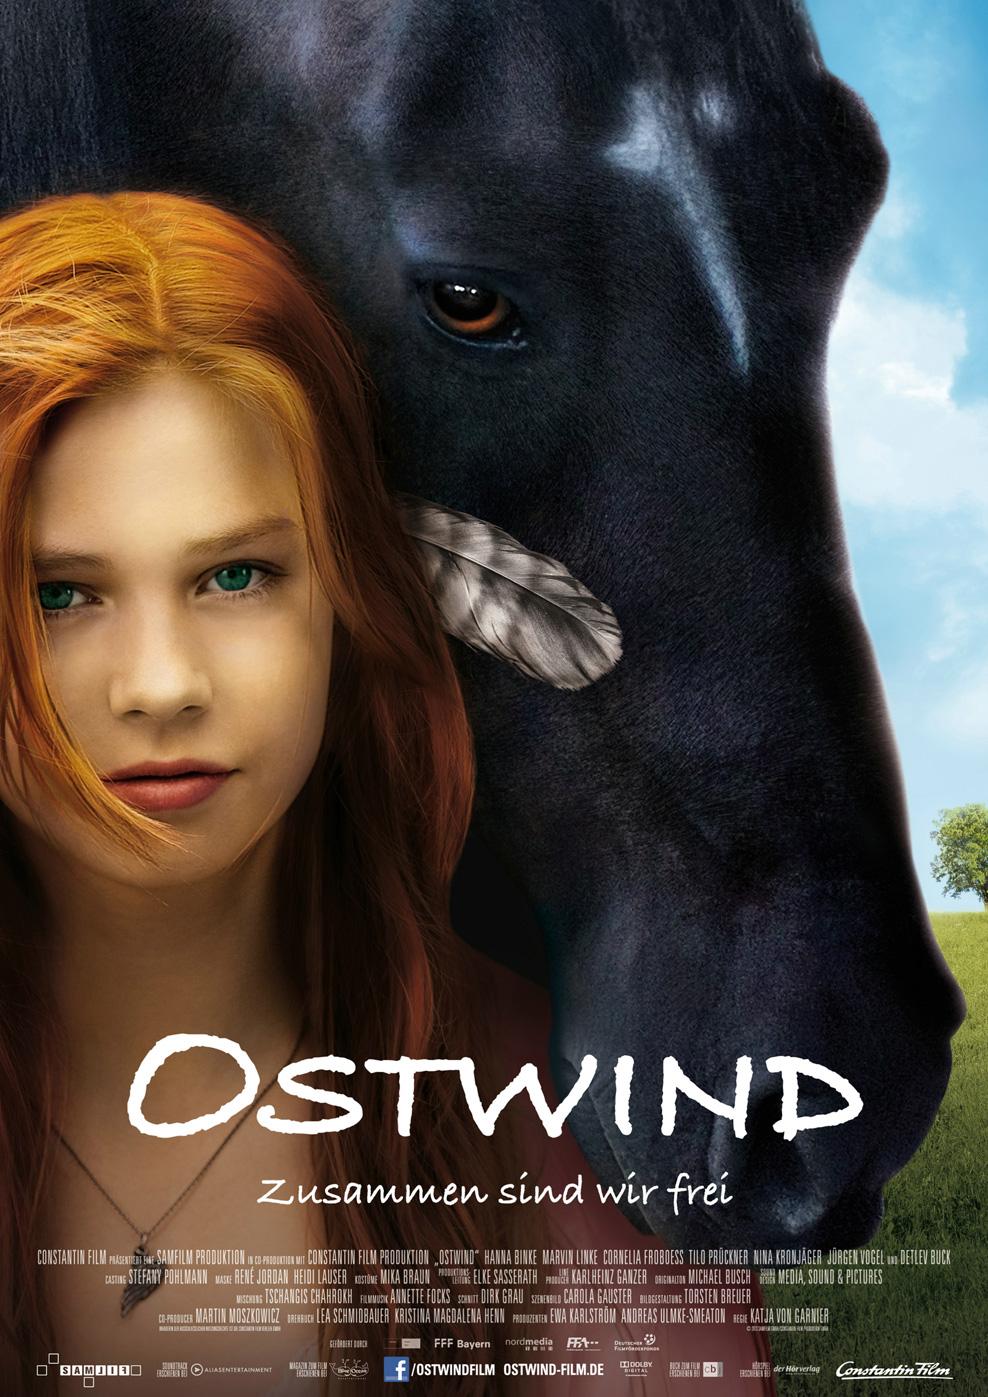 Ostwind - Zusammen sind wir frei (Poster)